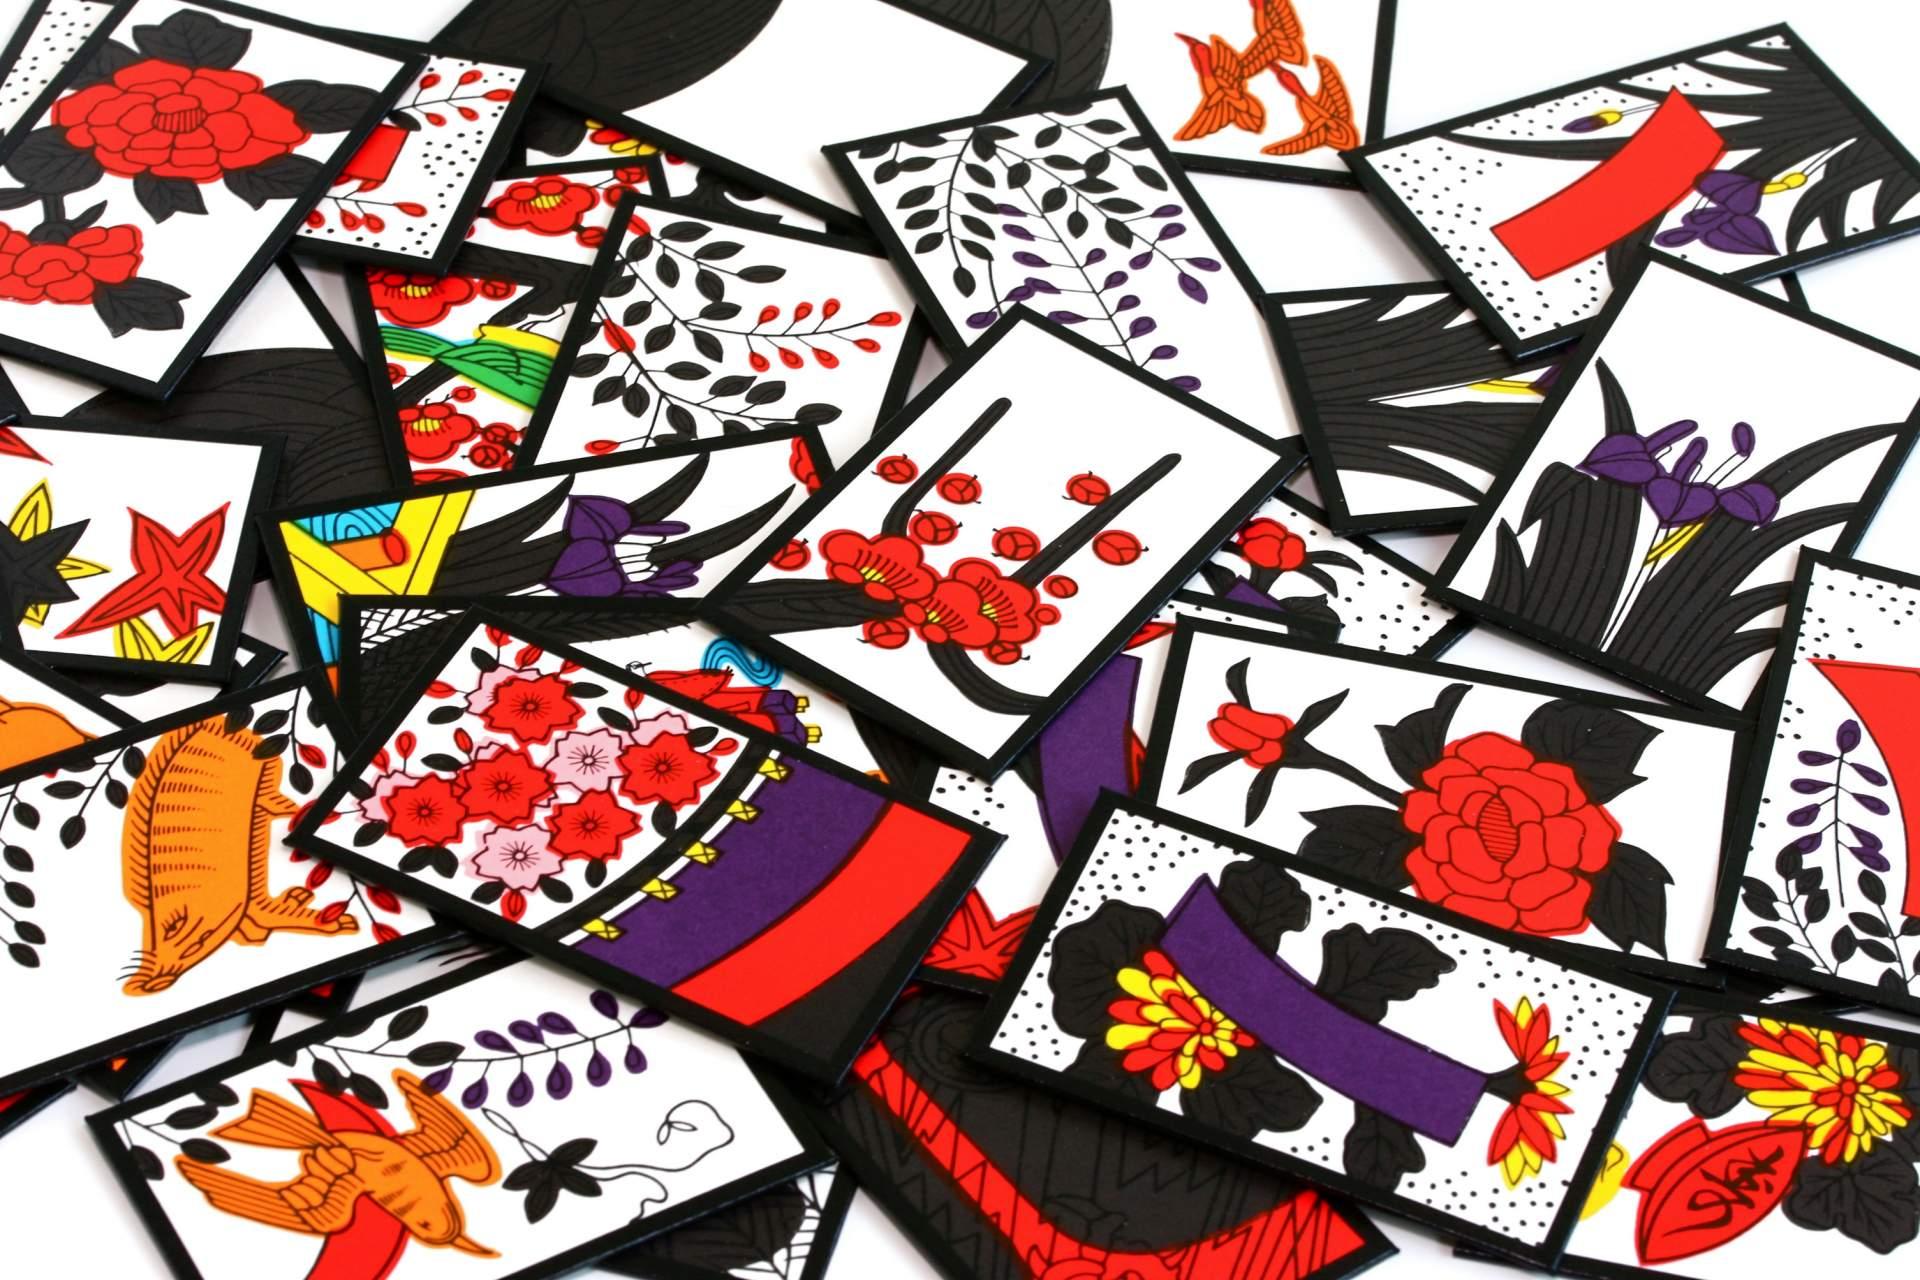 Hanafuda (Japanese Playing Cards)